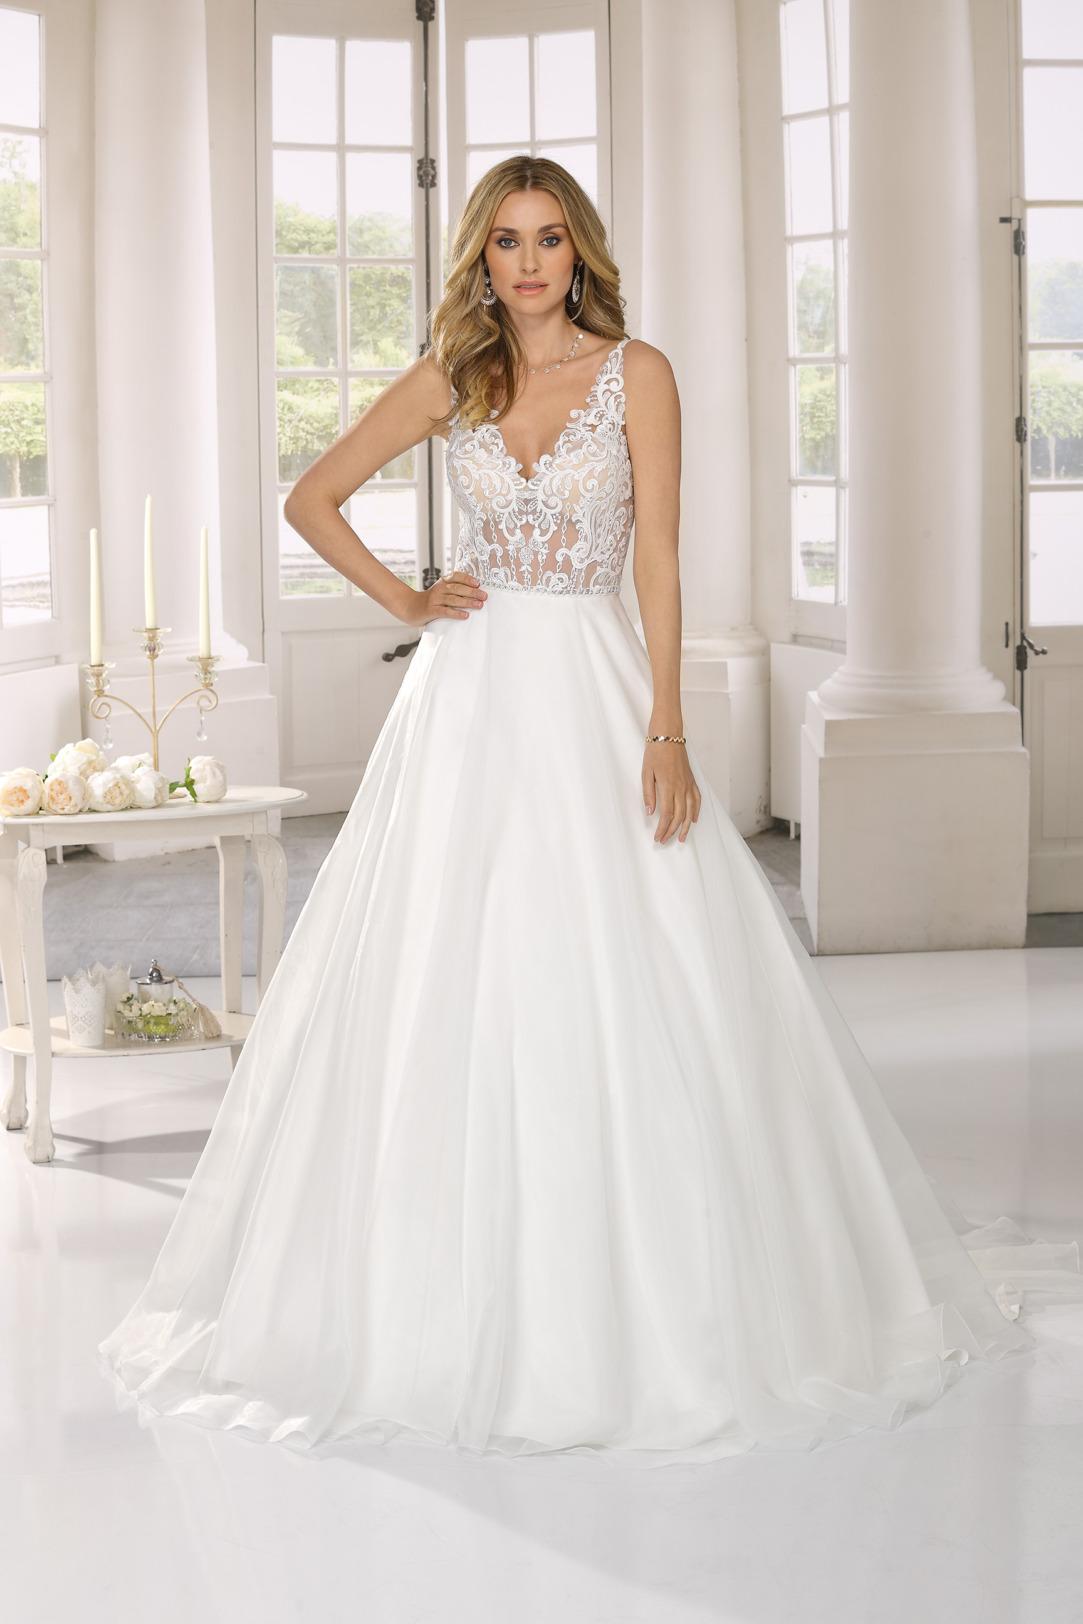 Hochzeitskleid in A Linie von Ladybird Modell 321092 mit transparenter Spitze nur im Oberteil. Brautkleid in A-Linie mit V- Ausschnitt und weitem Satinrock